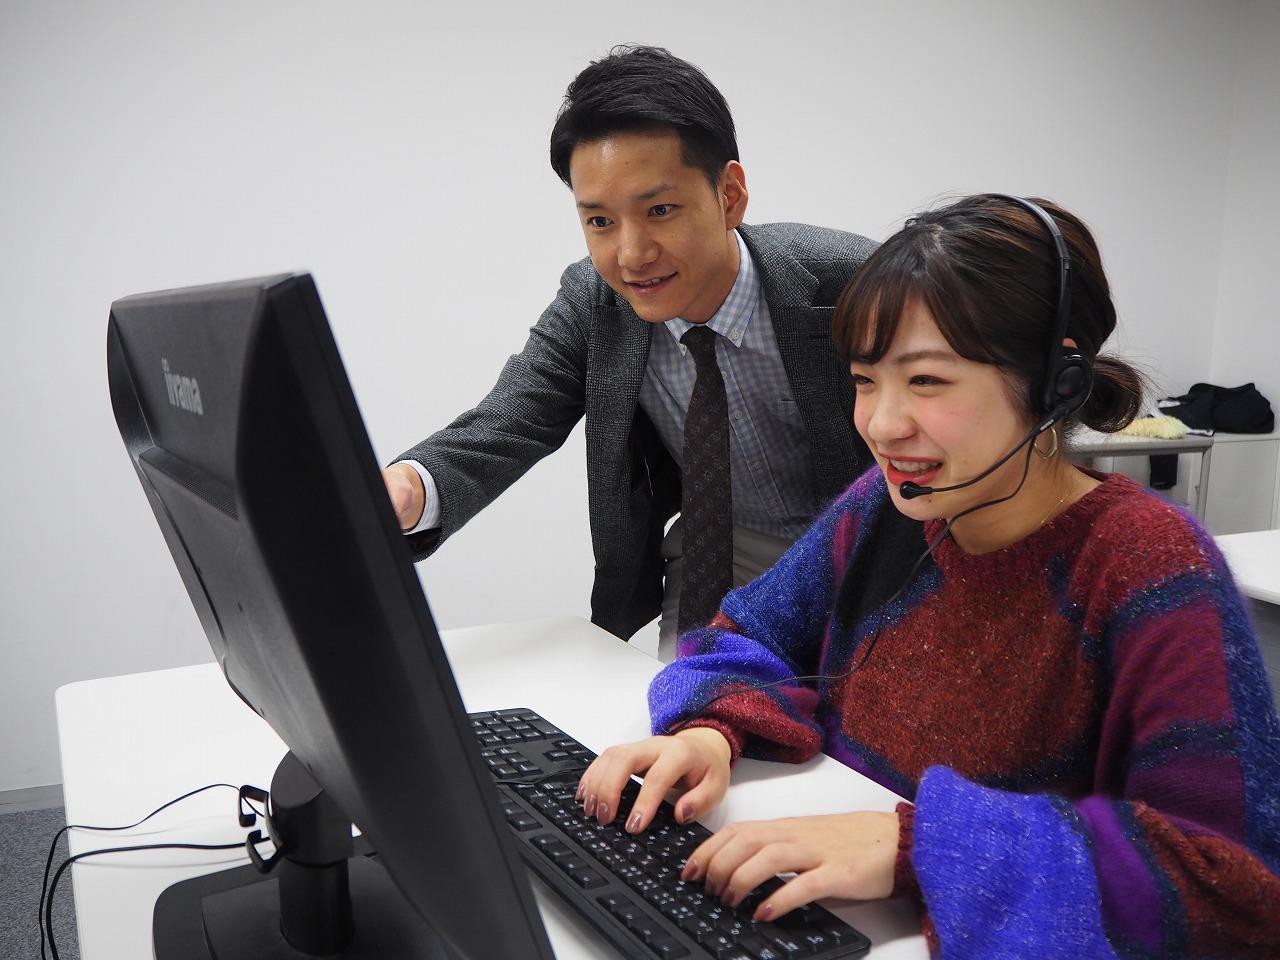 【コールセンターのSV業務】オペレーターさんの勤怠管理など♪ ご経験を活かして管理側として活躍しませんか?